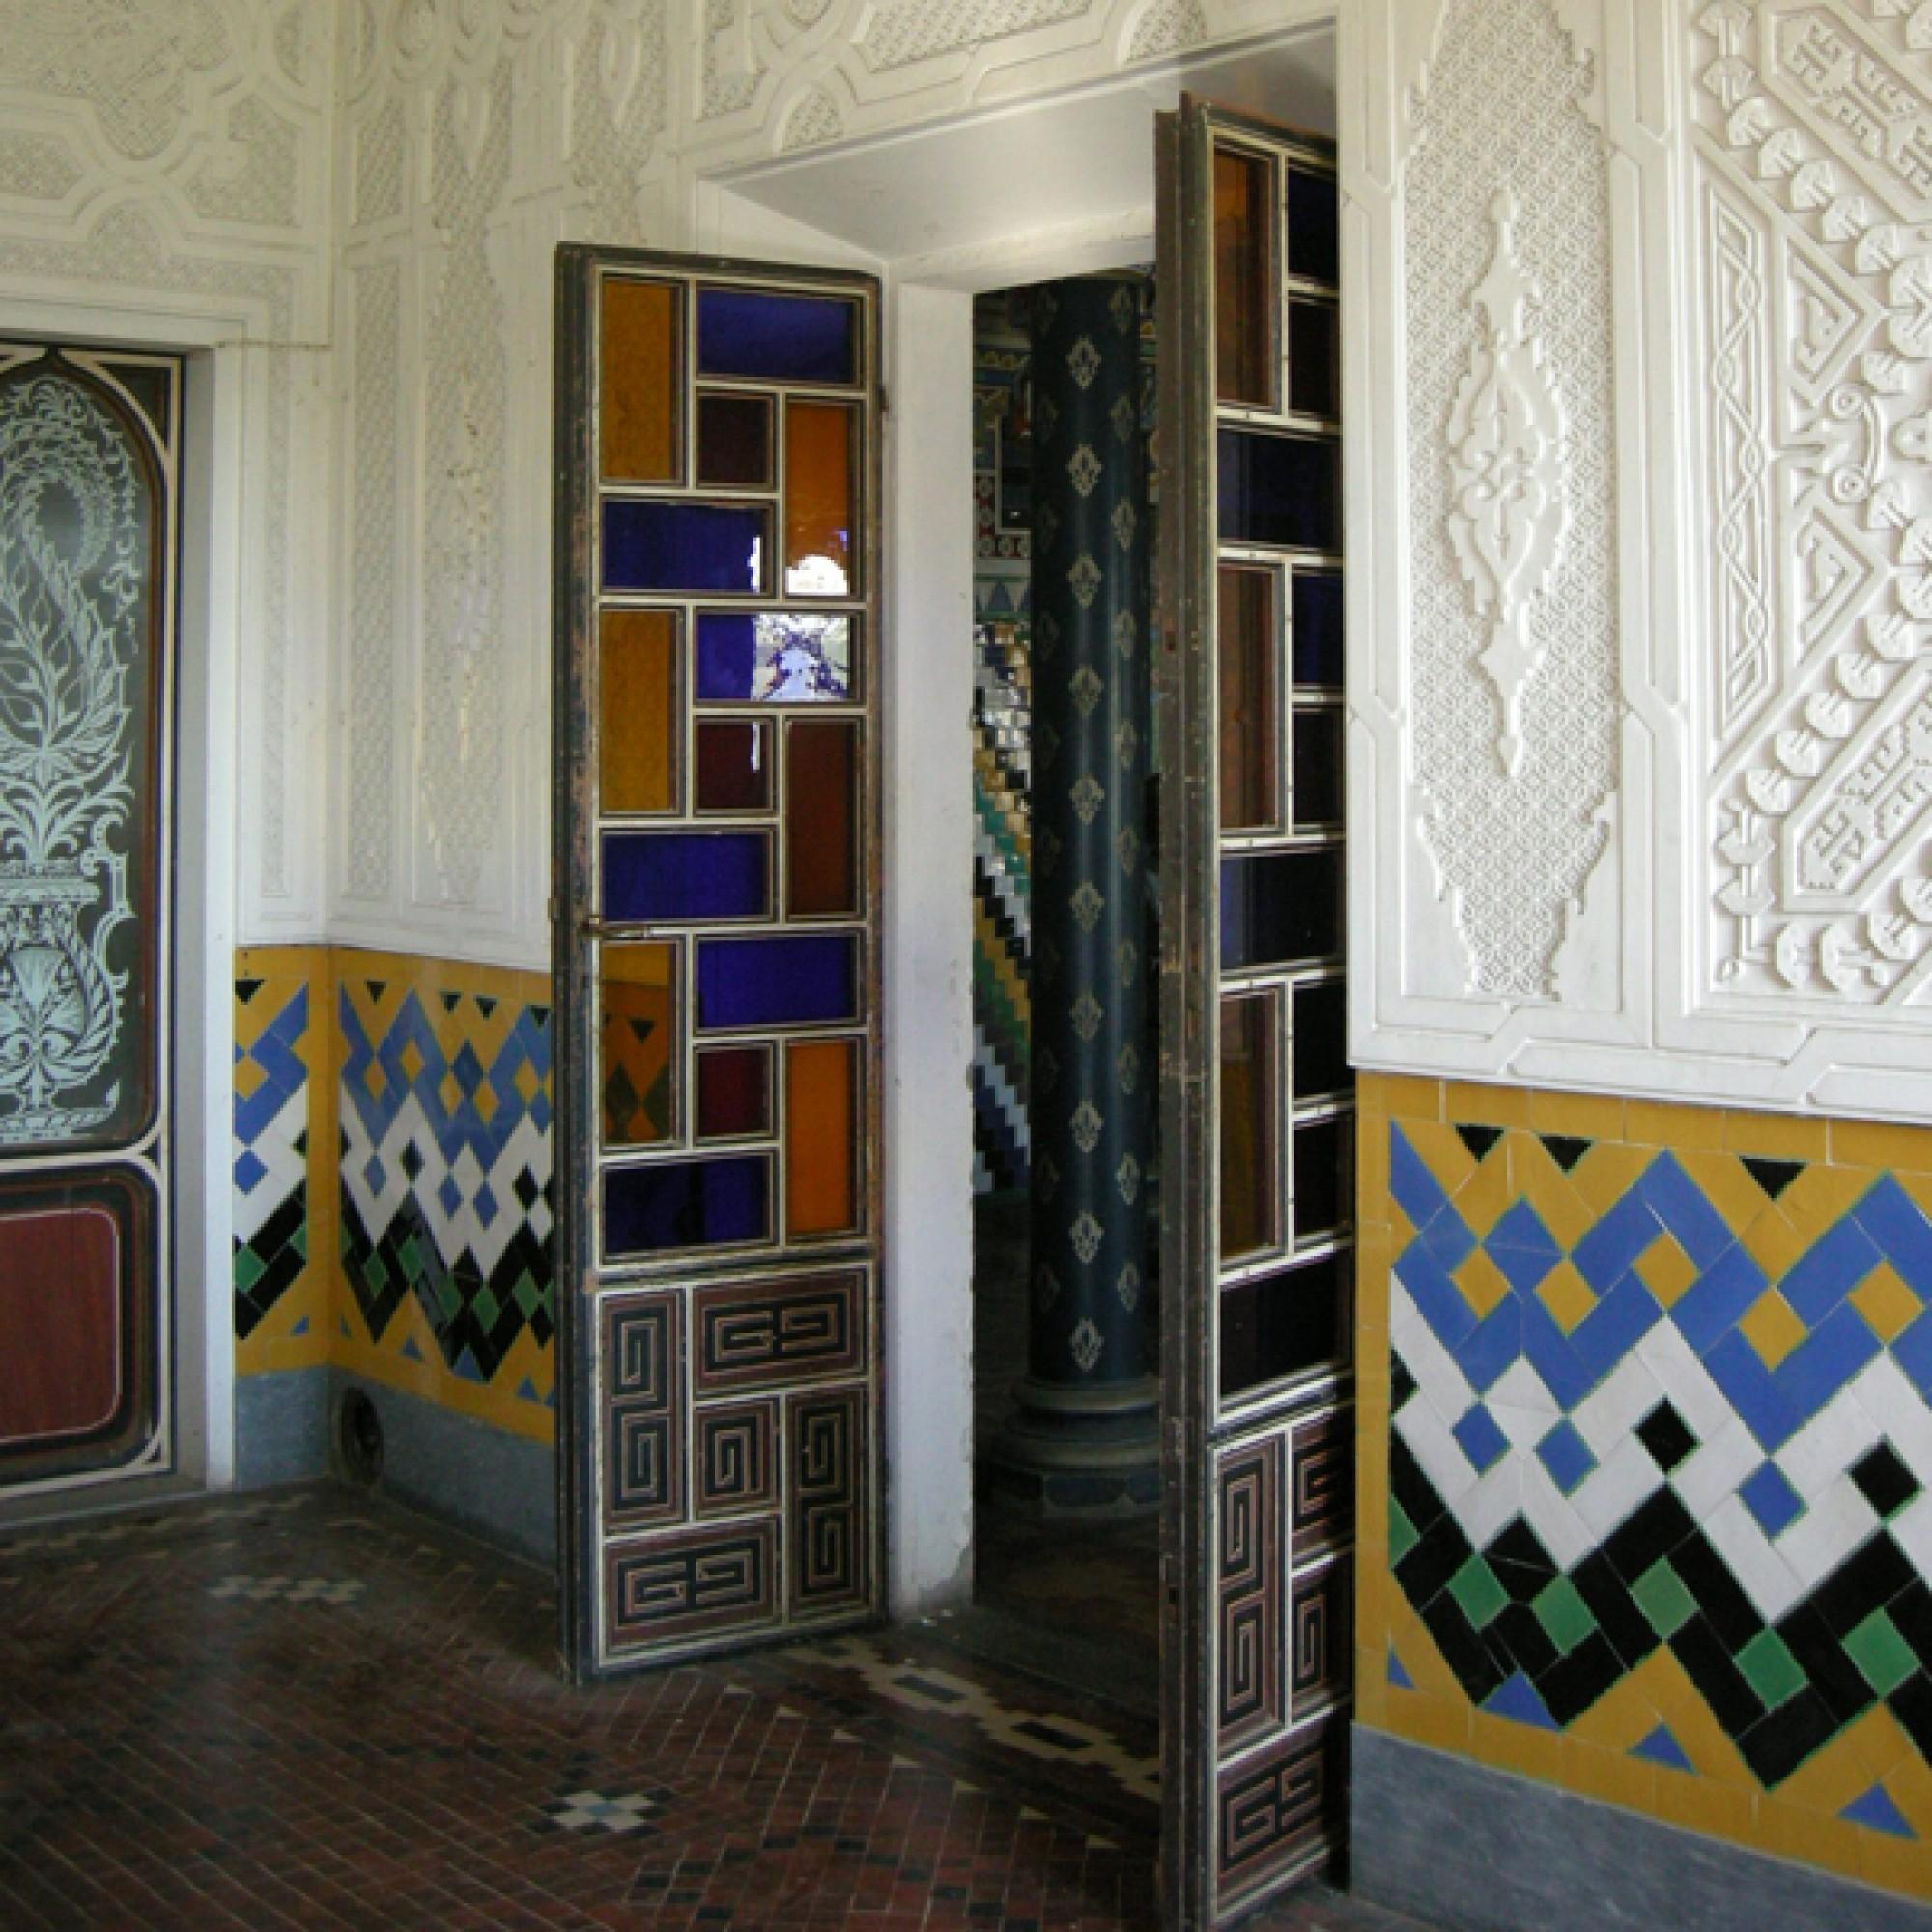 Selbst die Türen sind kleine Kunstwerke. (www.wikimedia.org,sailko,CC)